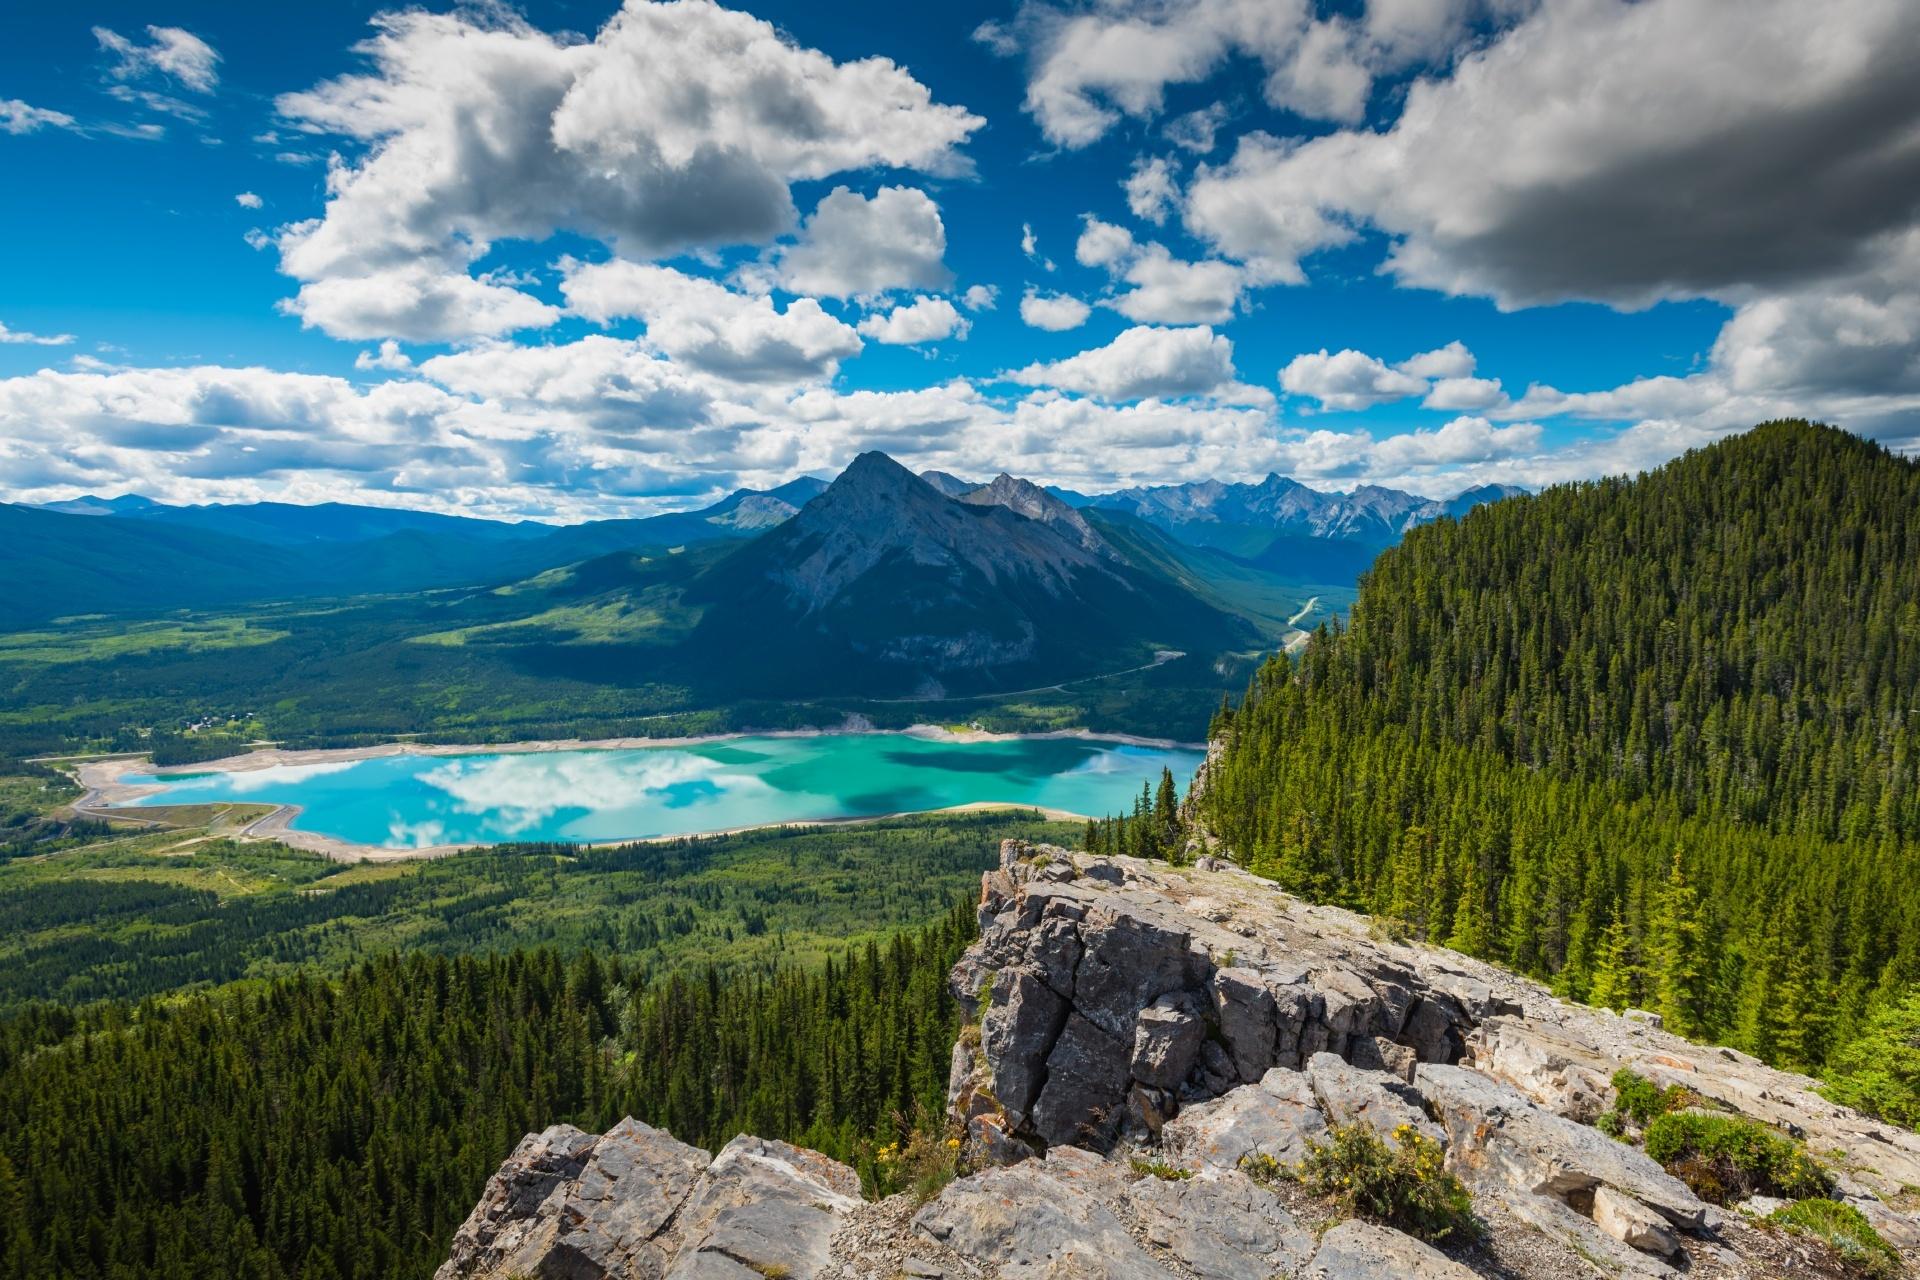 バリア湖の風景 カナダの風景